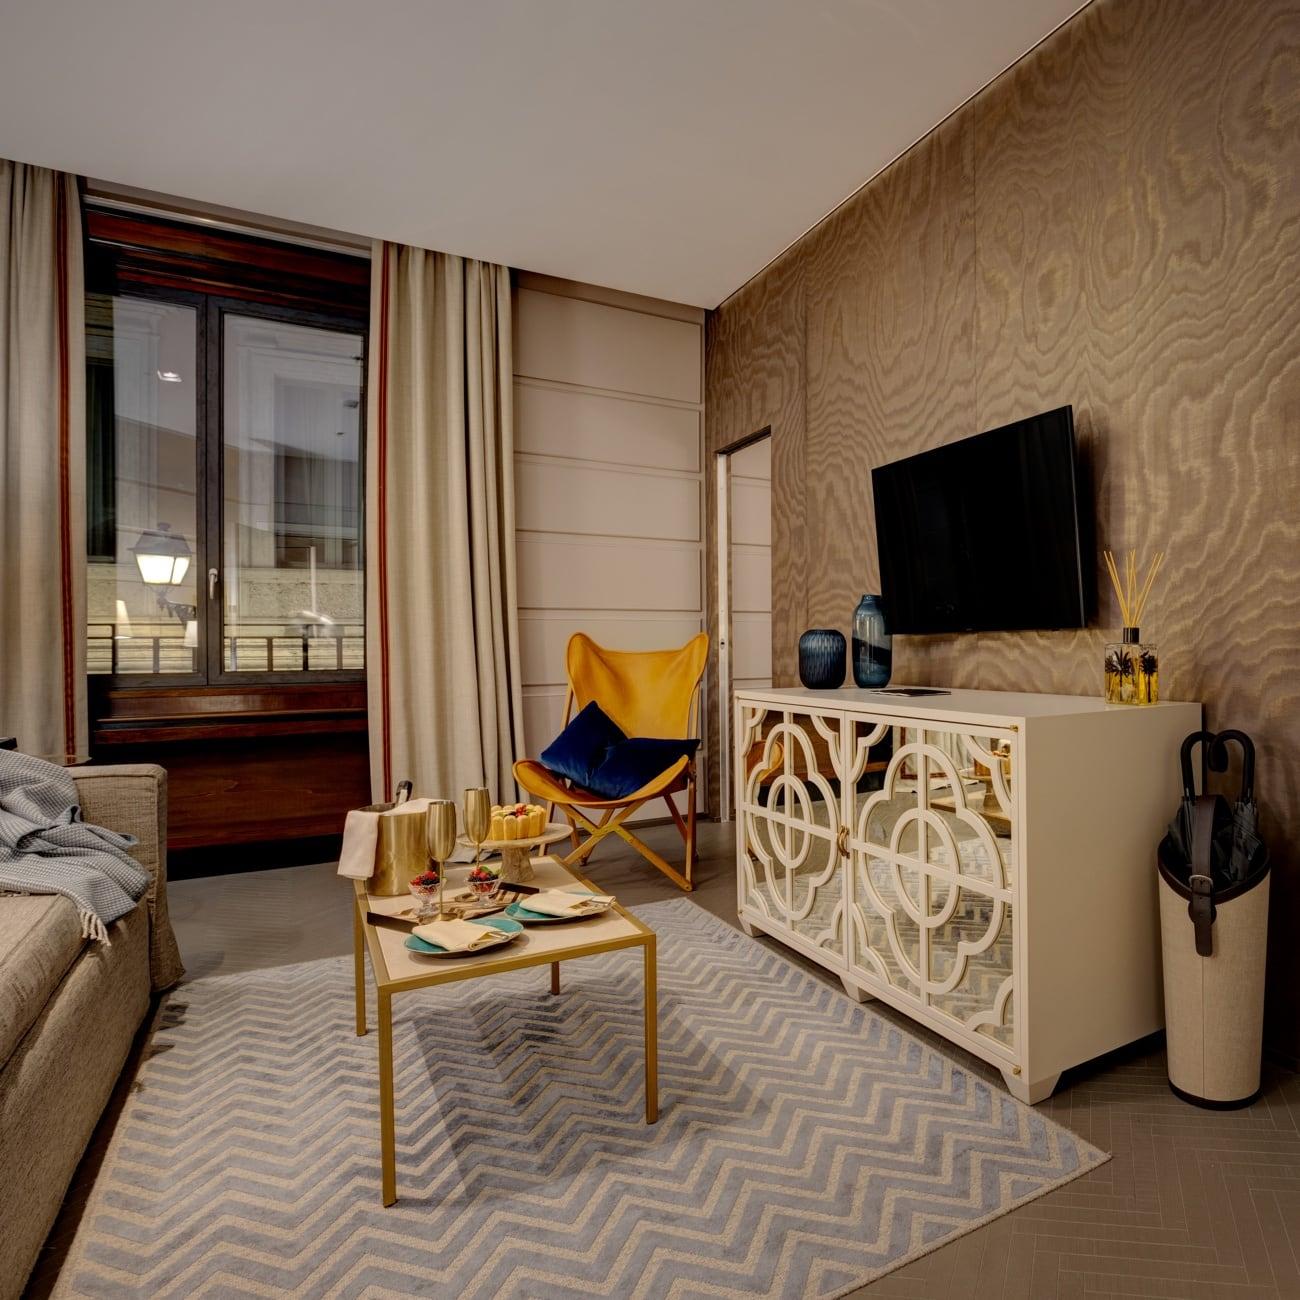 Singer Apartment Suitesq